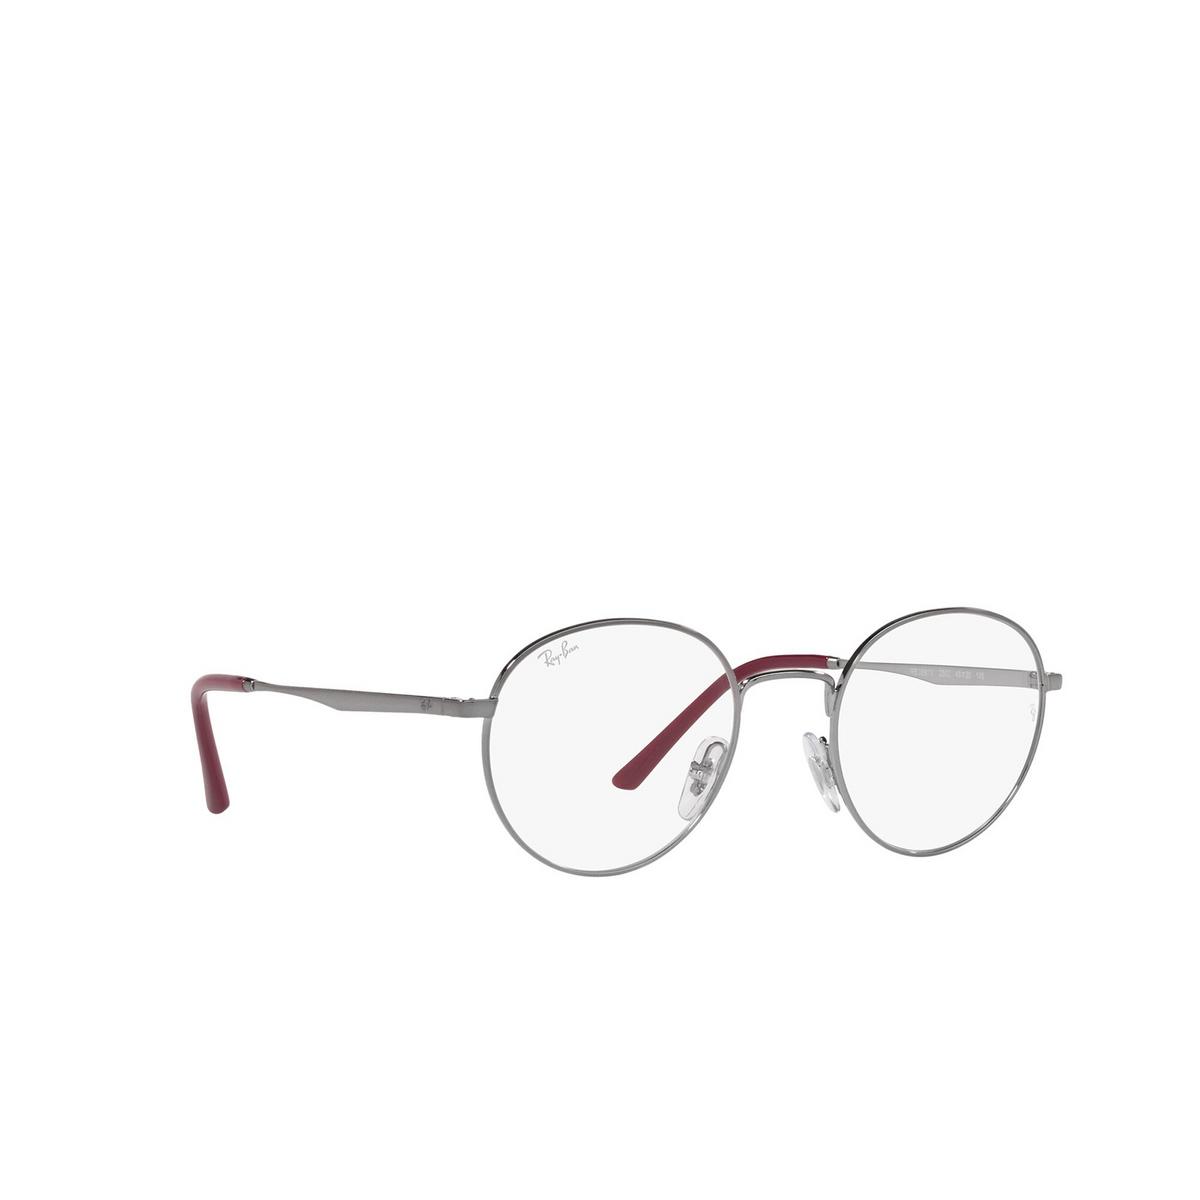 Ray-Ban® Round Eyeglasses: RX3681V color Gunmetal 2502 - three-quarters view.